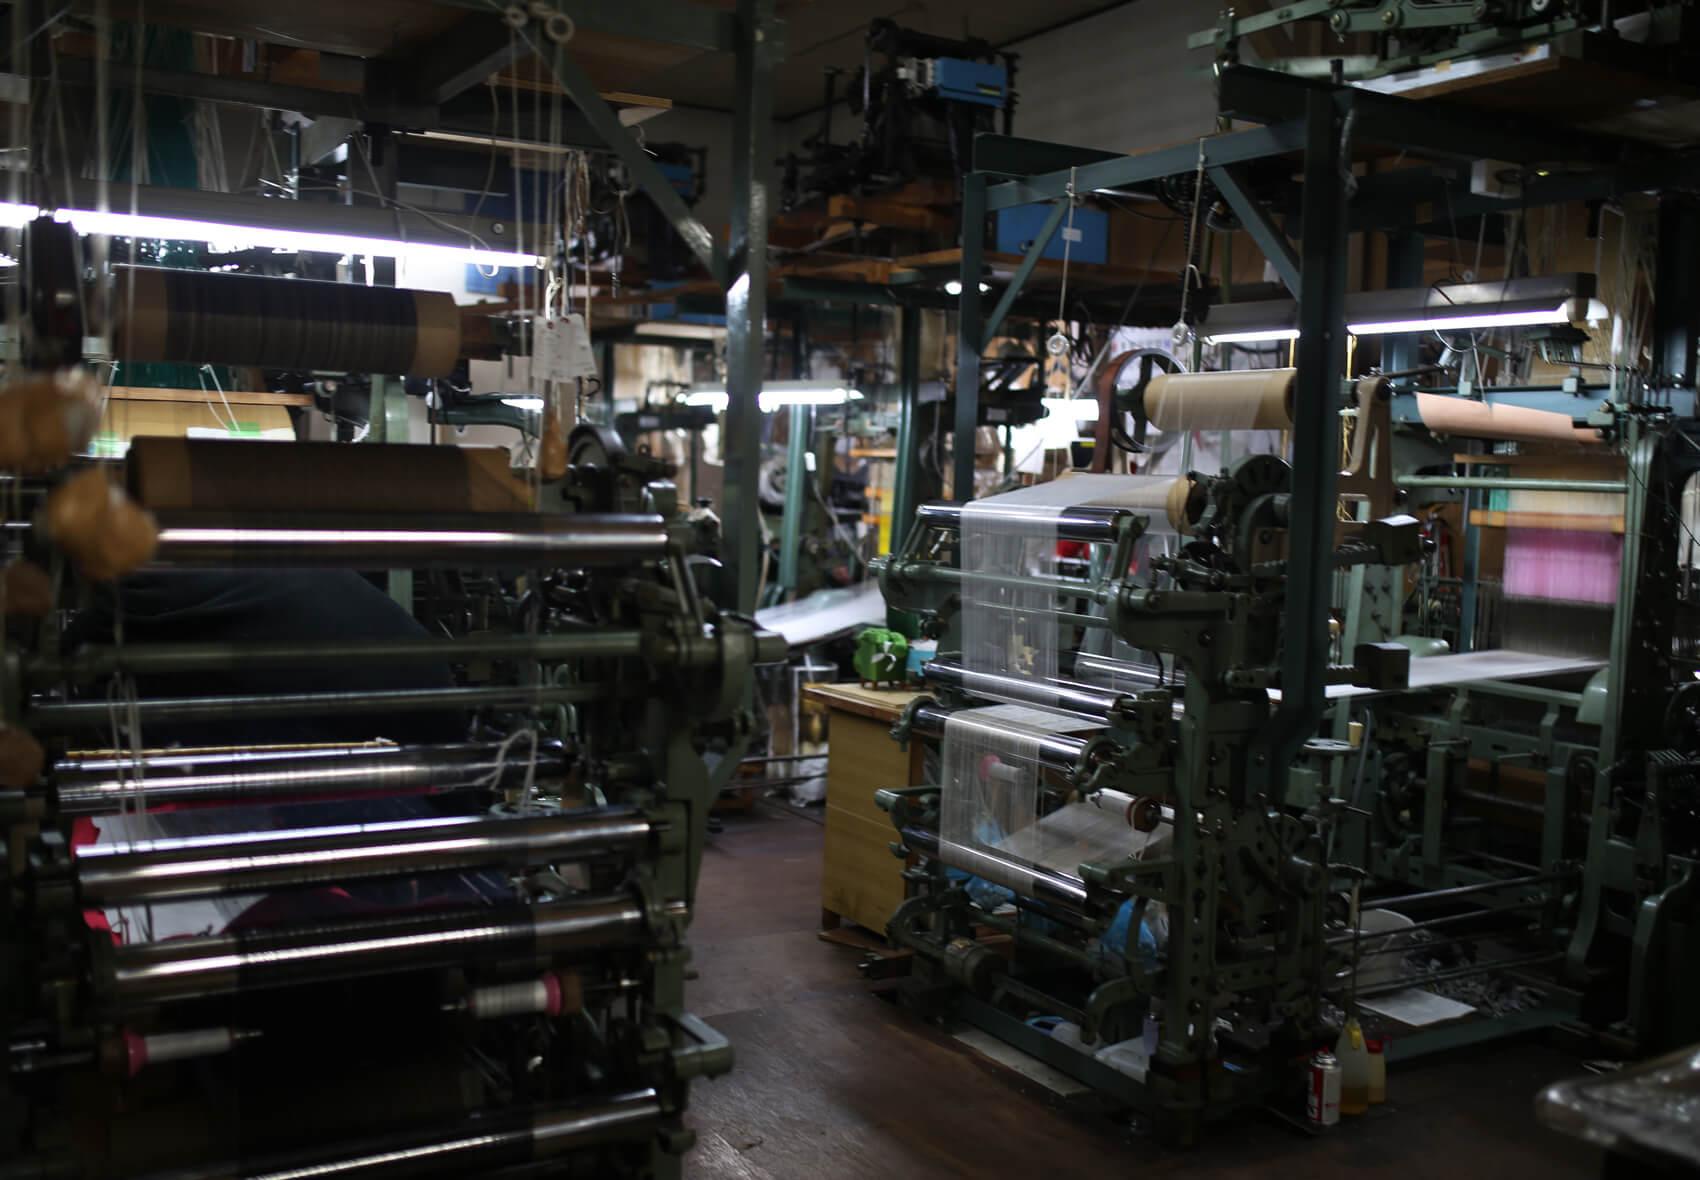 機械織機が並ぶ1階。機械織りは工夫が早いスピードで進むのが大きな利点と言います。